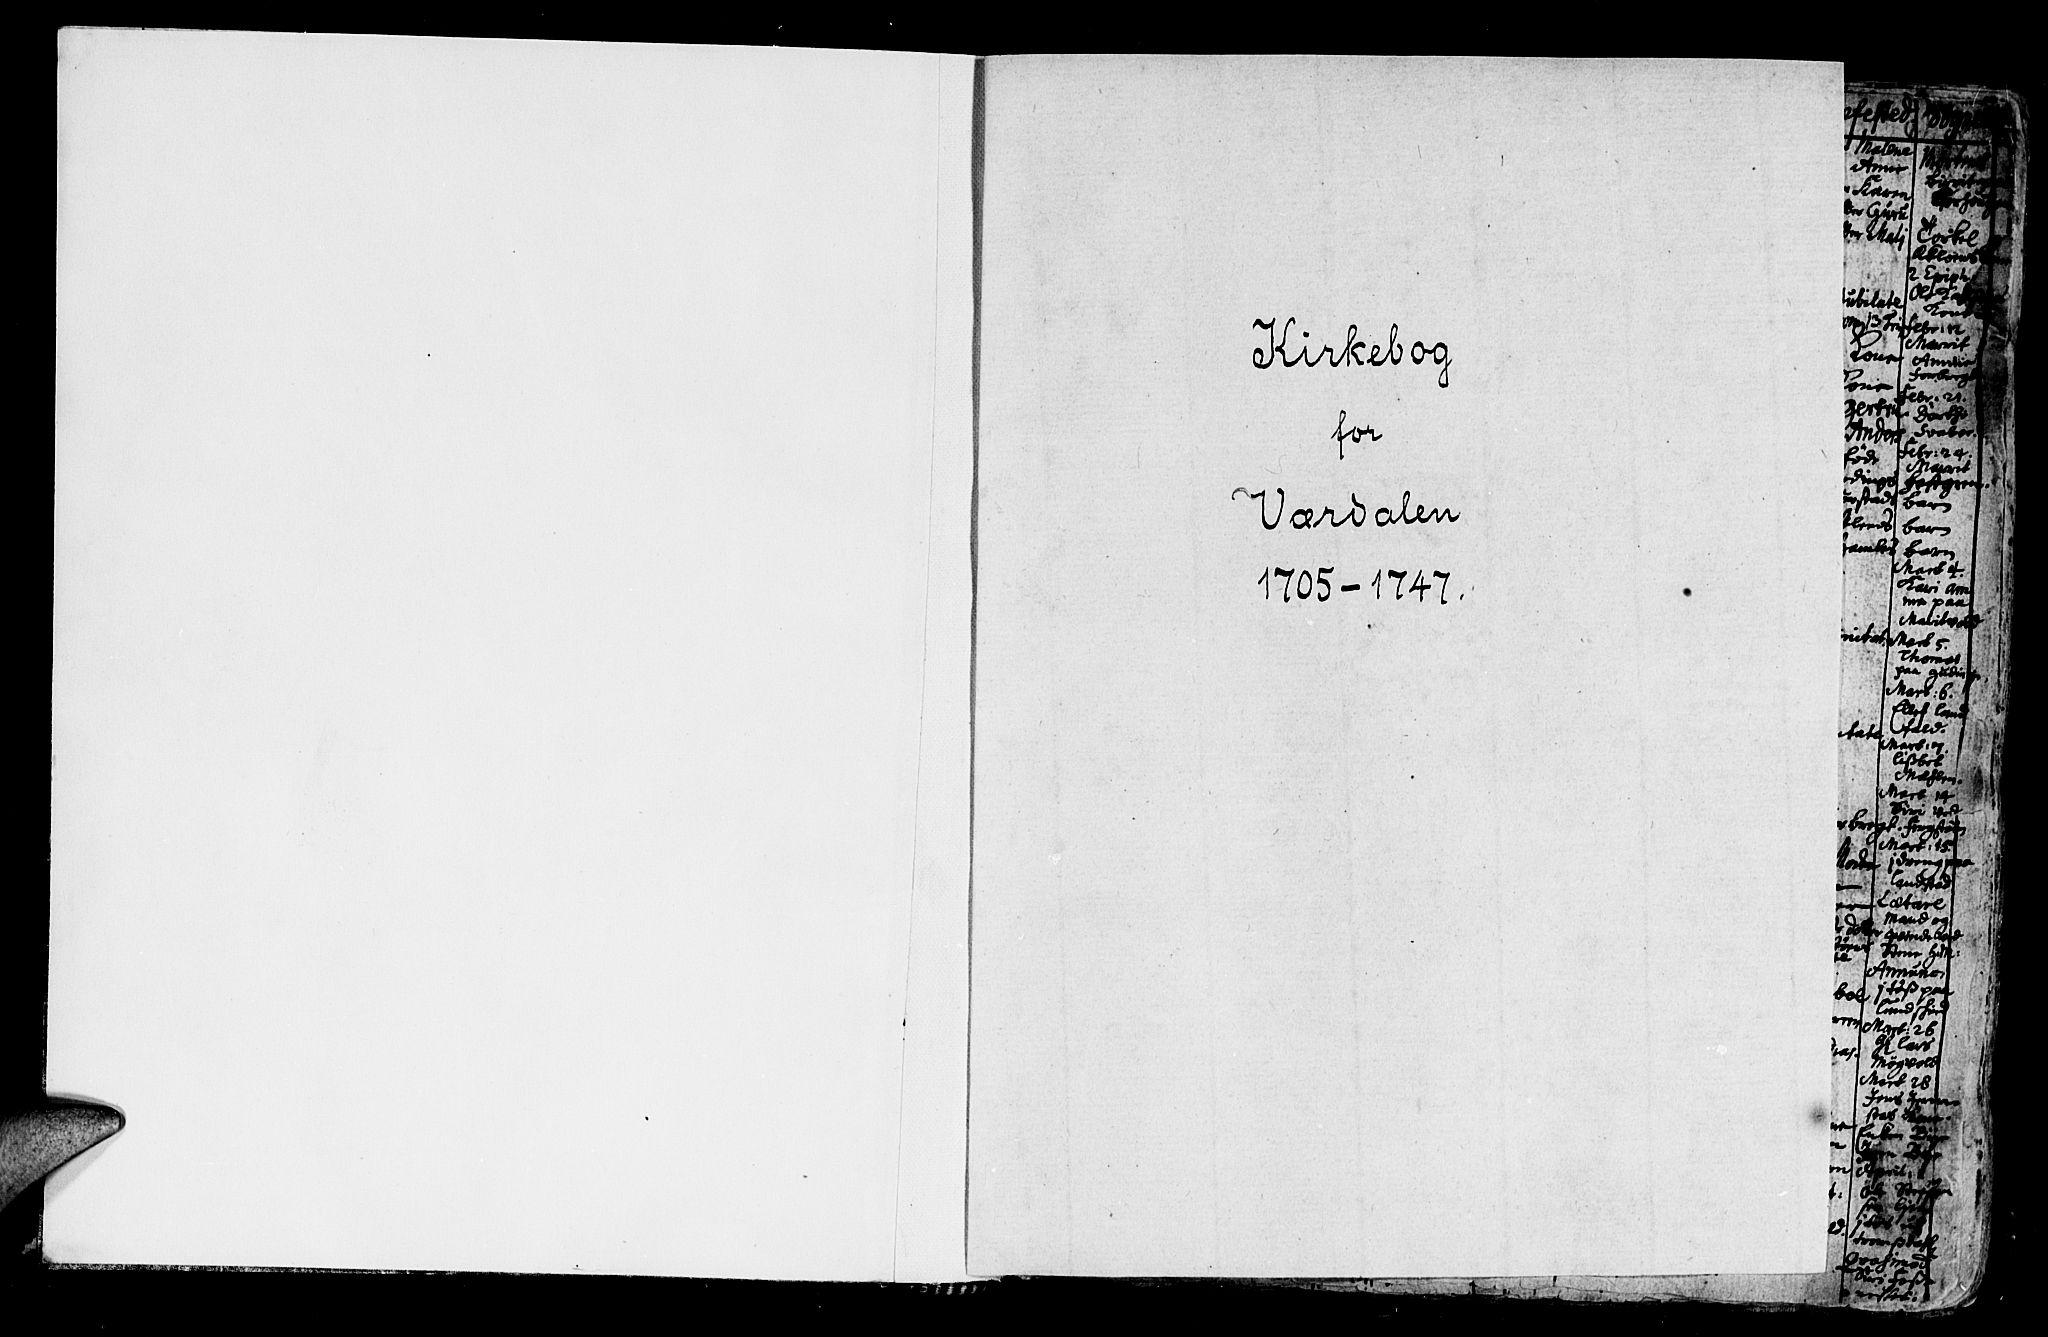 SAT, Ministerialprotokoller, klokkerbøker og fødselsregistre - Nord-Trøndelag, 723/L0230: Ministerialbok nr. 723A01, 1705-1747